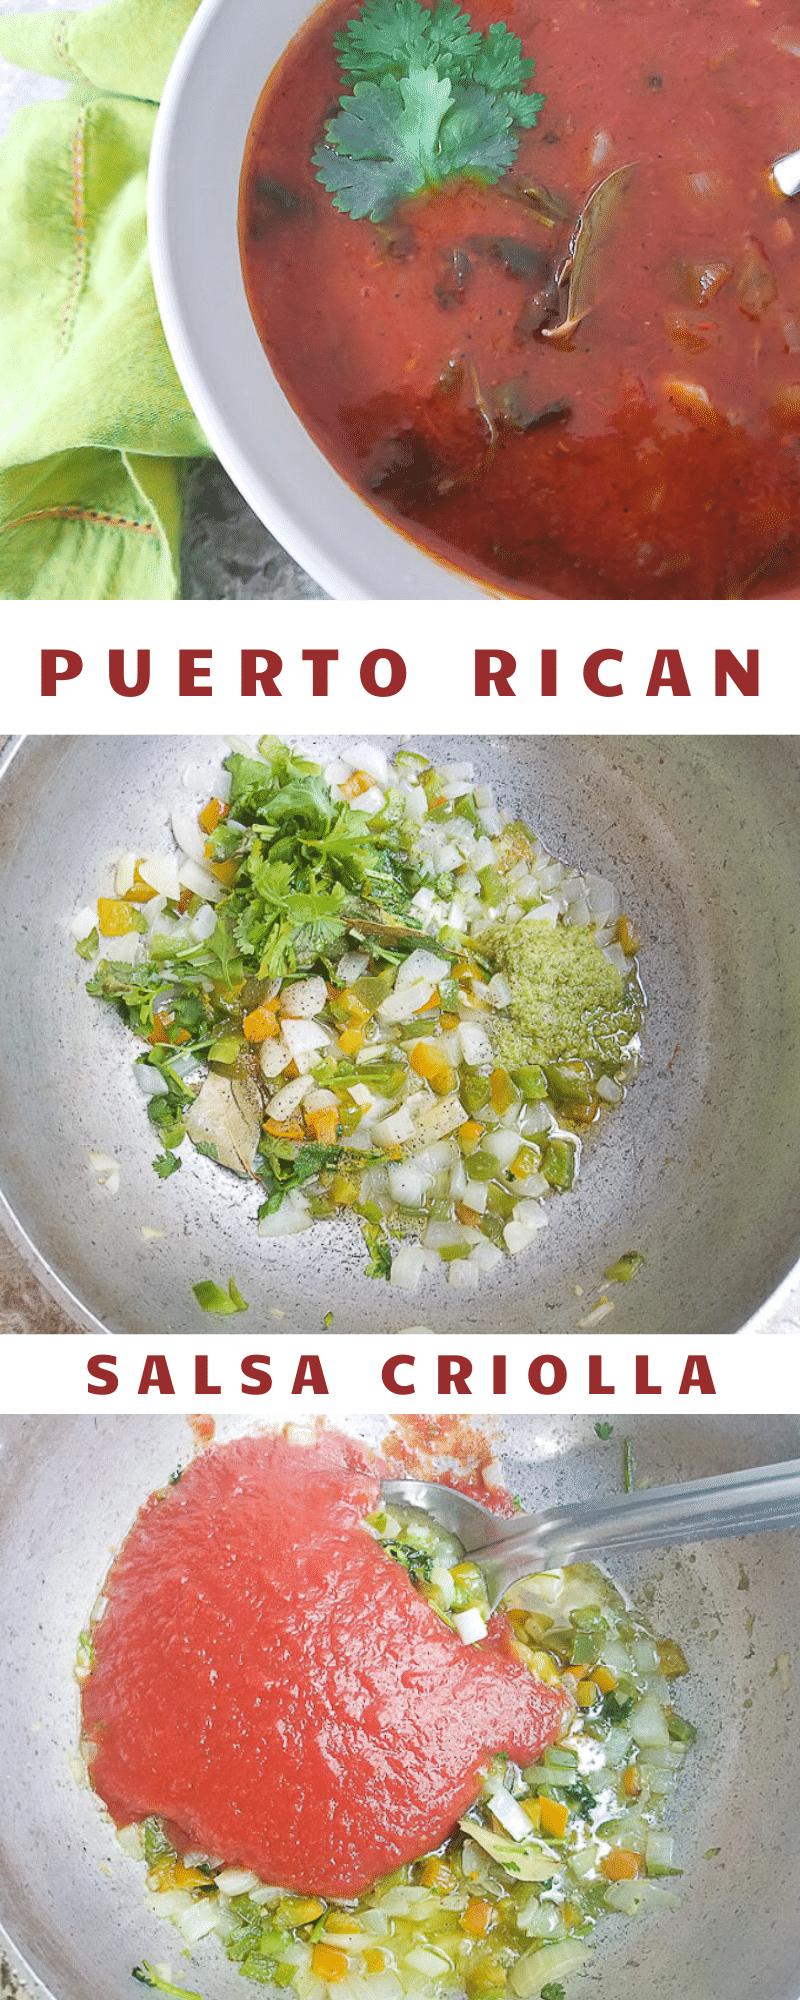 Puerto Rican Salsa Criolla